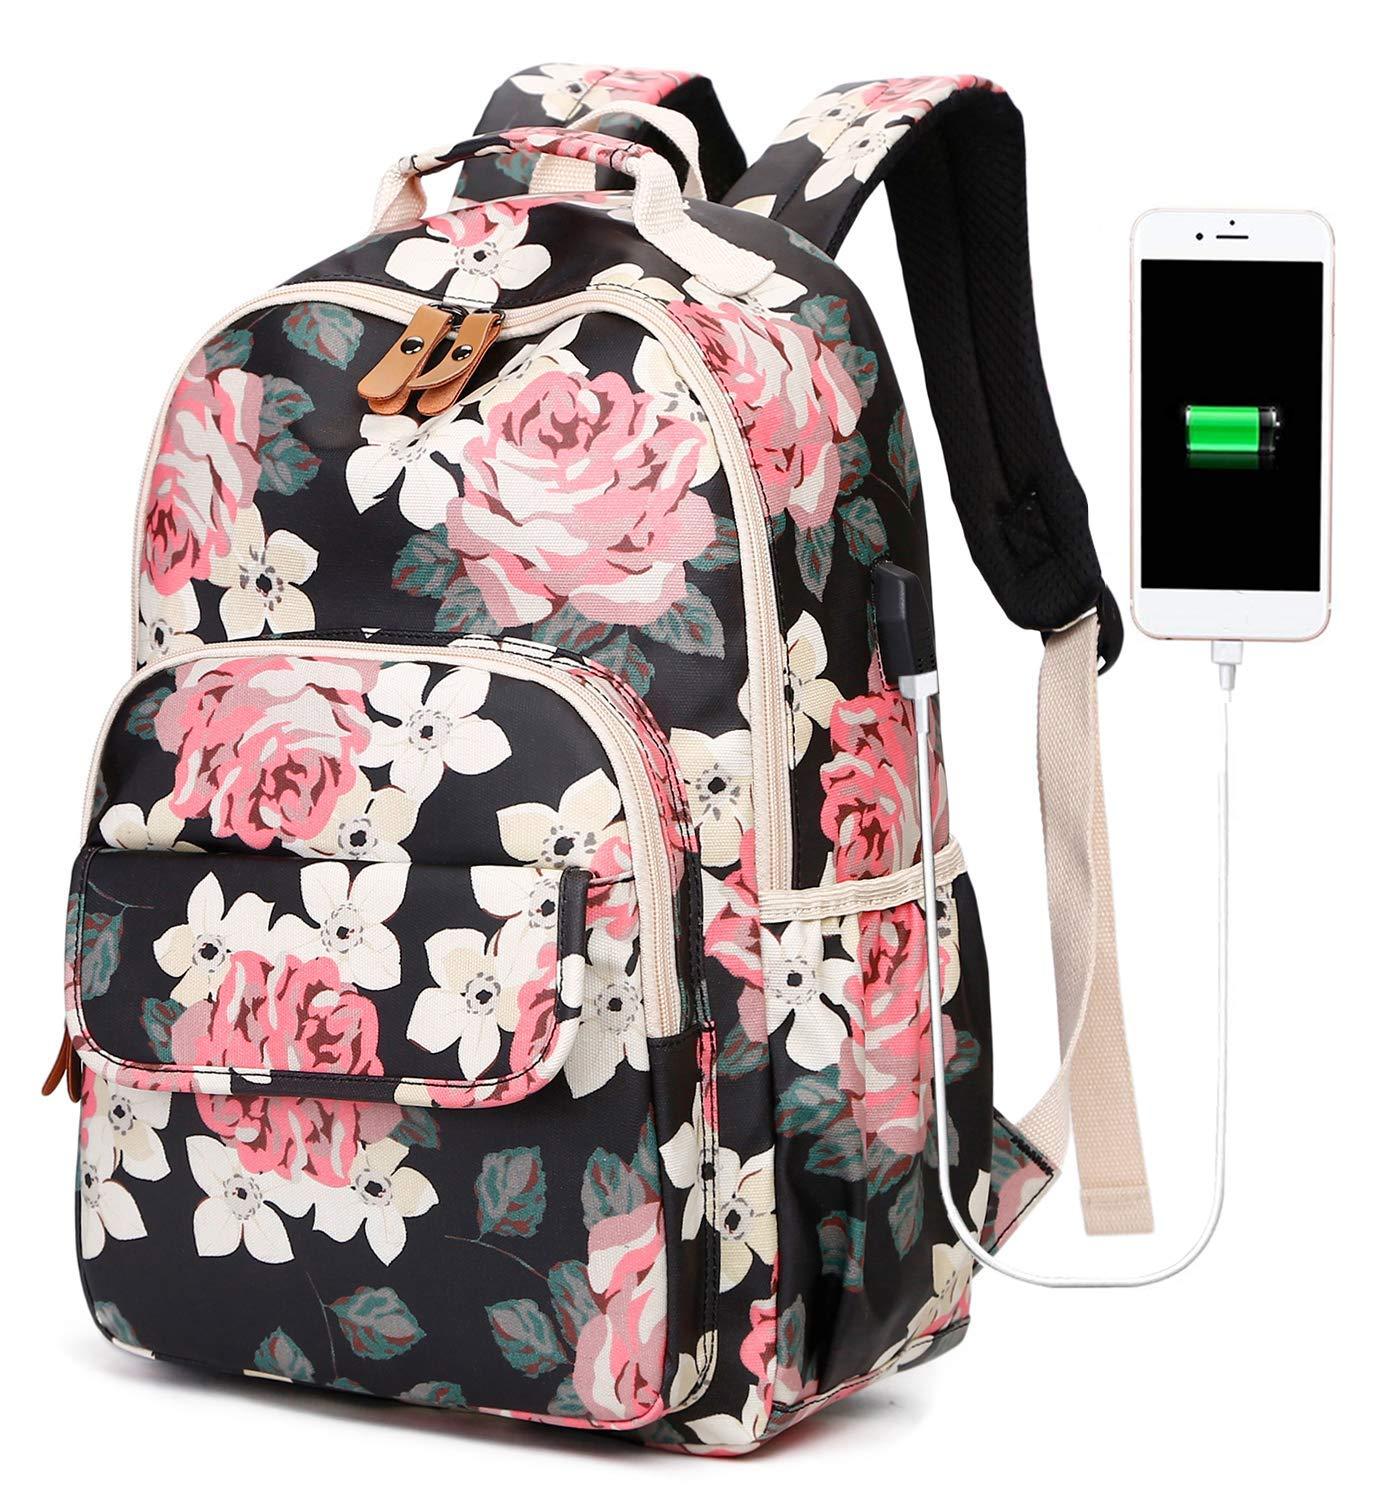 Amazon.com: Mochila escolar con puerto de carga USB para ...